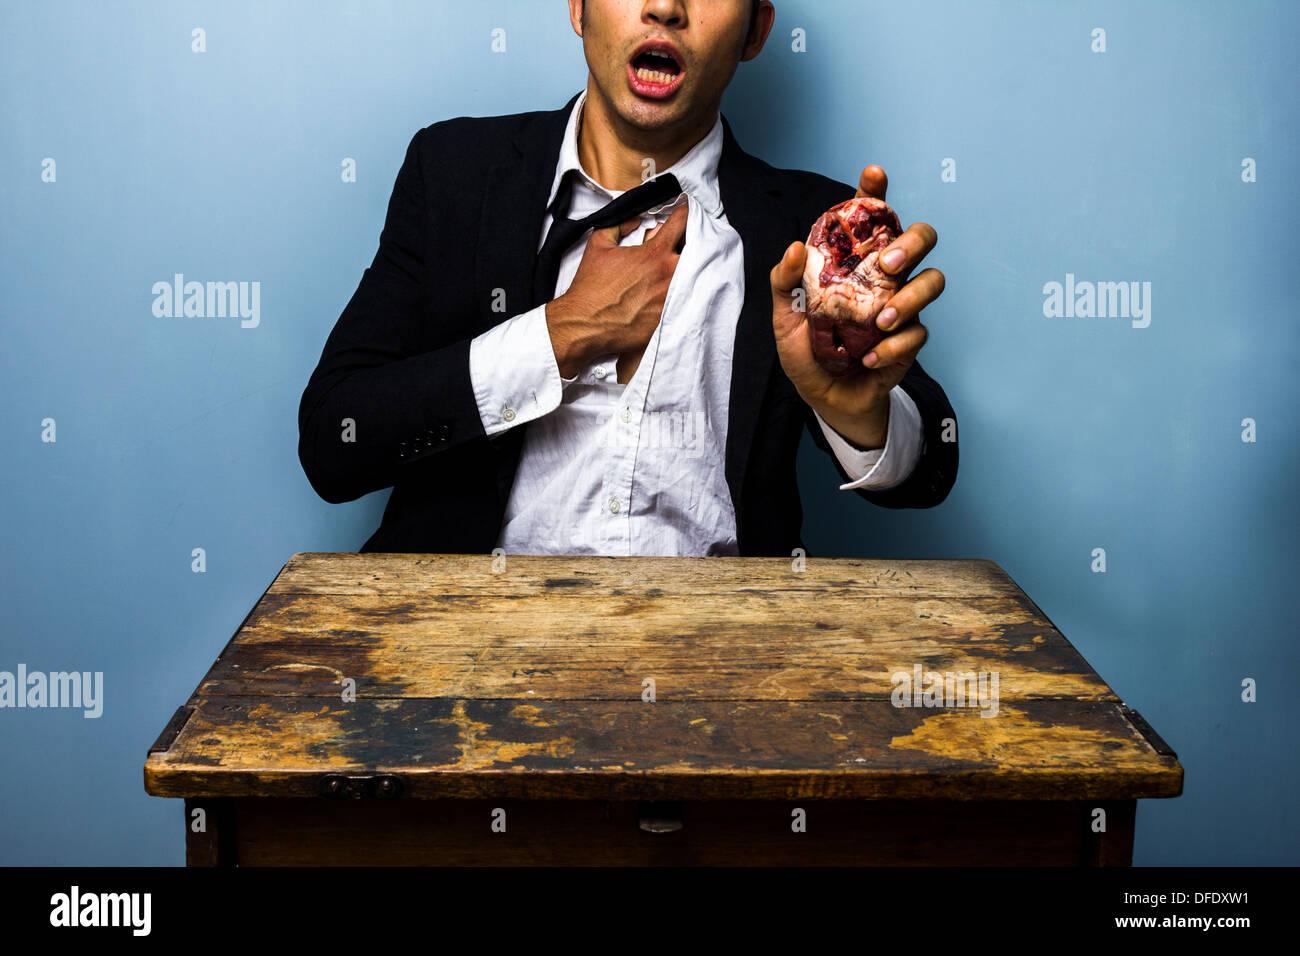 Joven empresario está celebrando su pecho dolor sujetando una cruda del corazón del animal en su otra mano para simbolizar un ataque al corazón Imagen De Stock